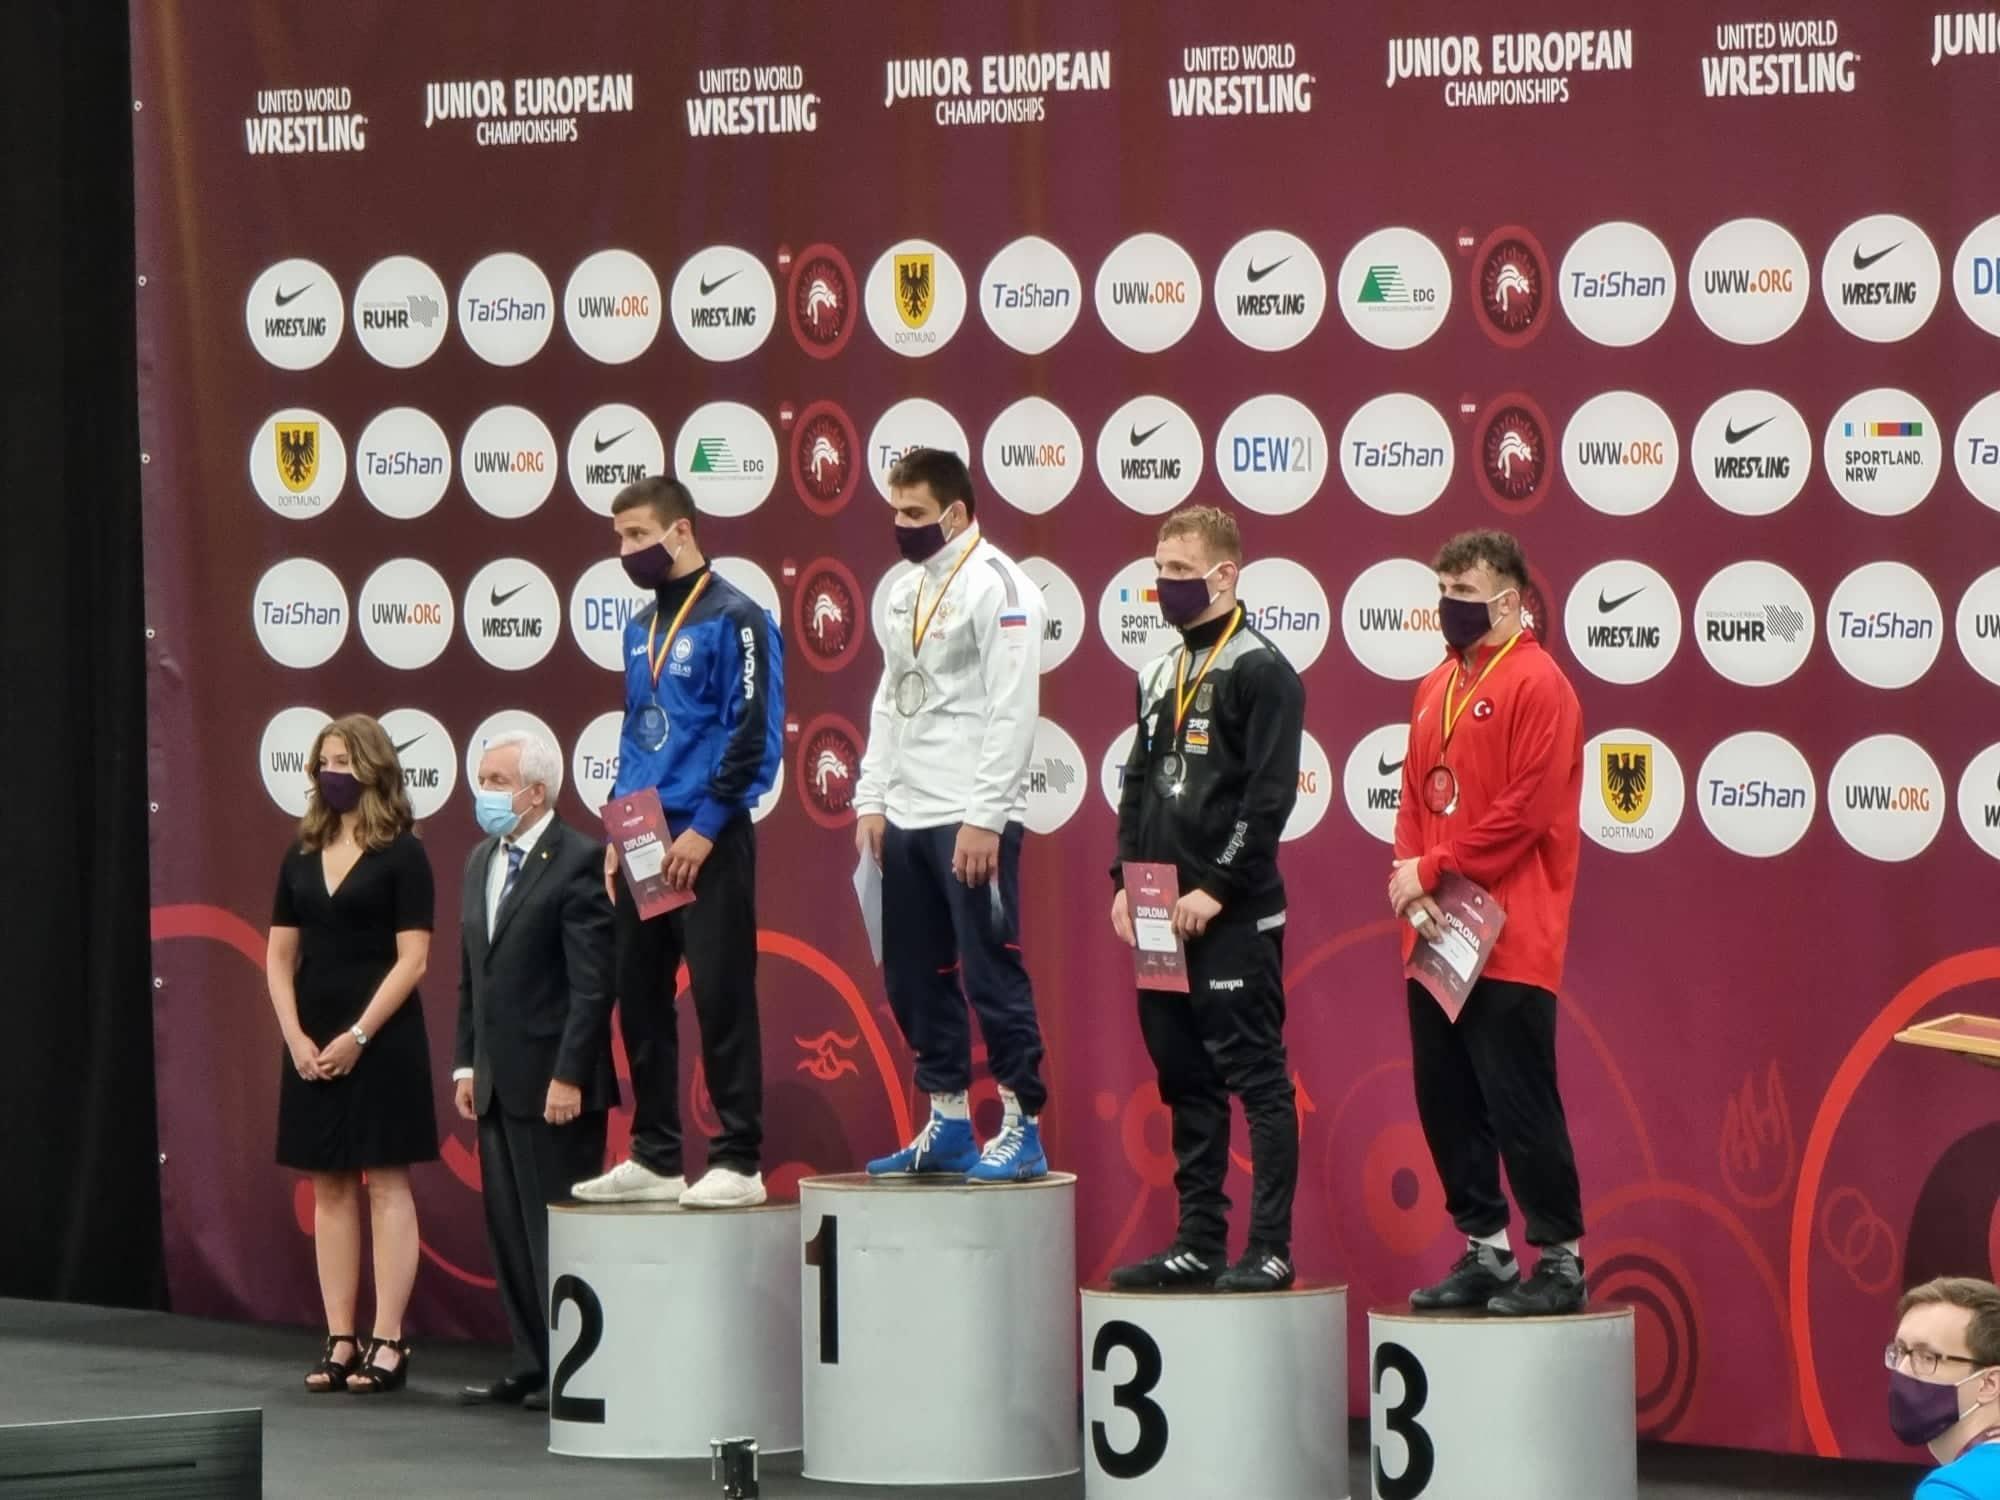 «Ασημένιος» ο Κουγιουμτσίδης στο ευρωπαϊκό πρωτάθλημα